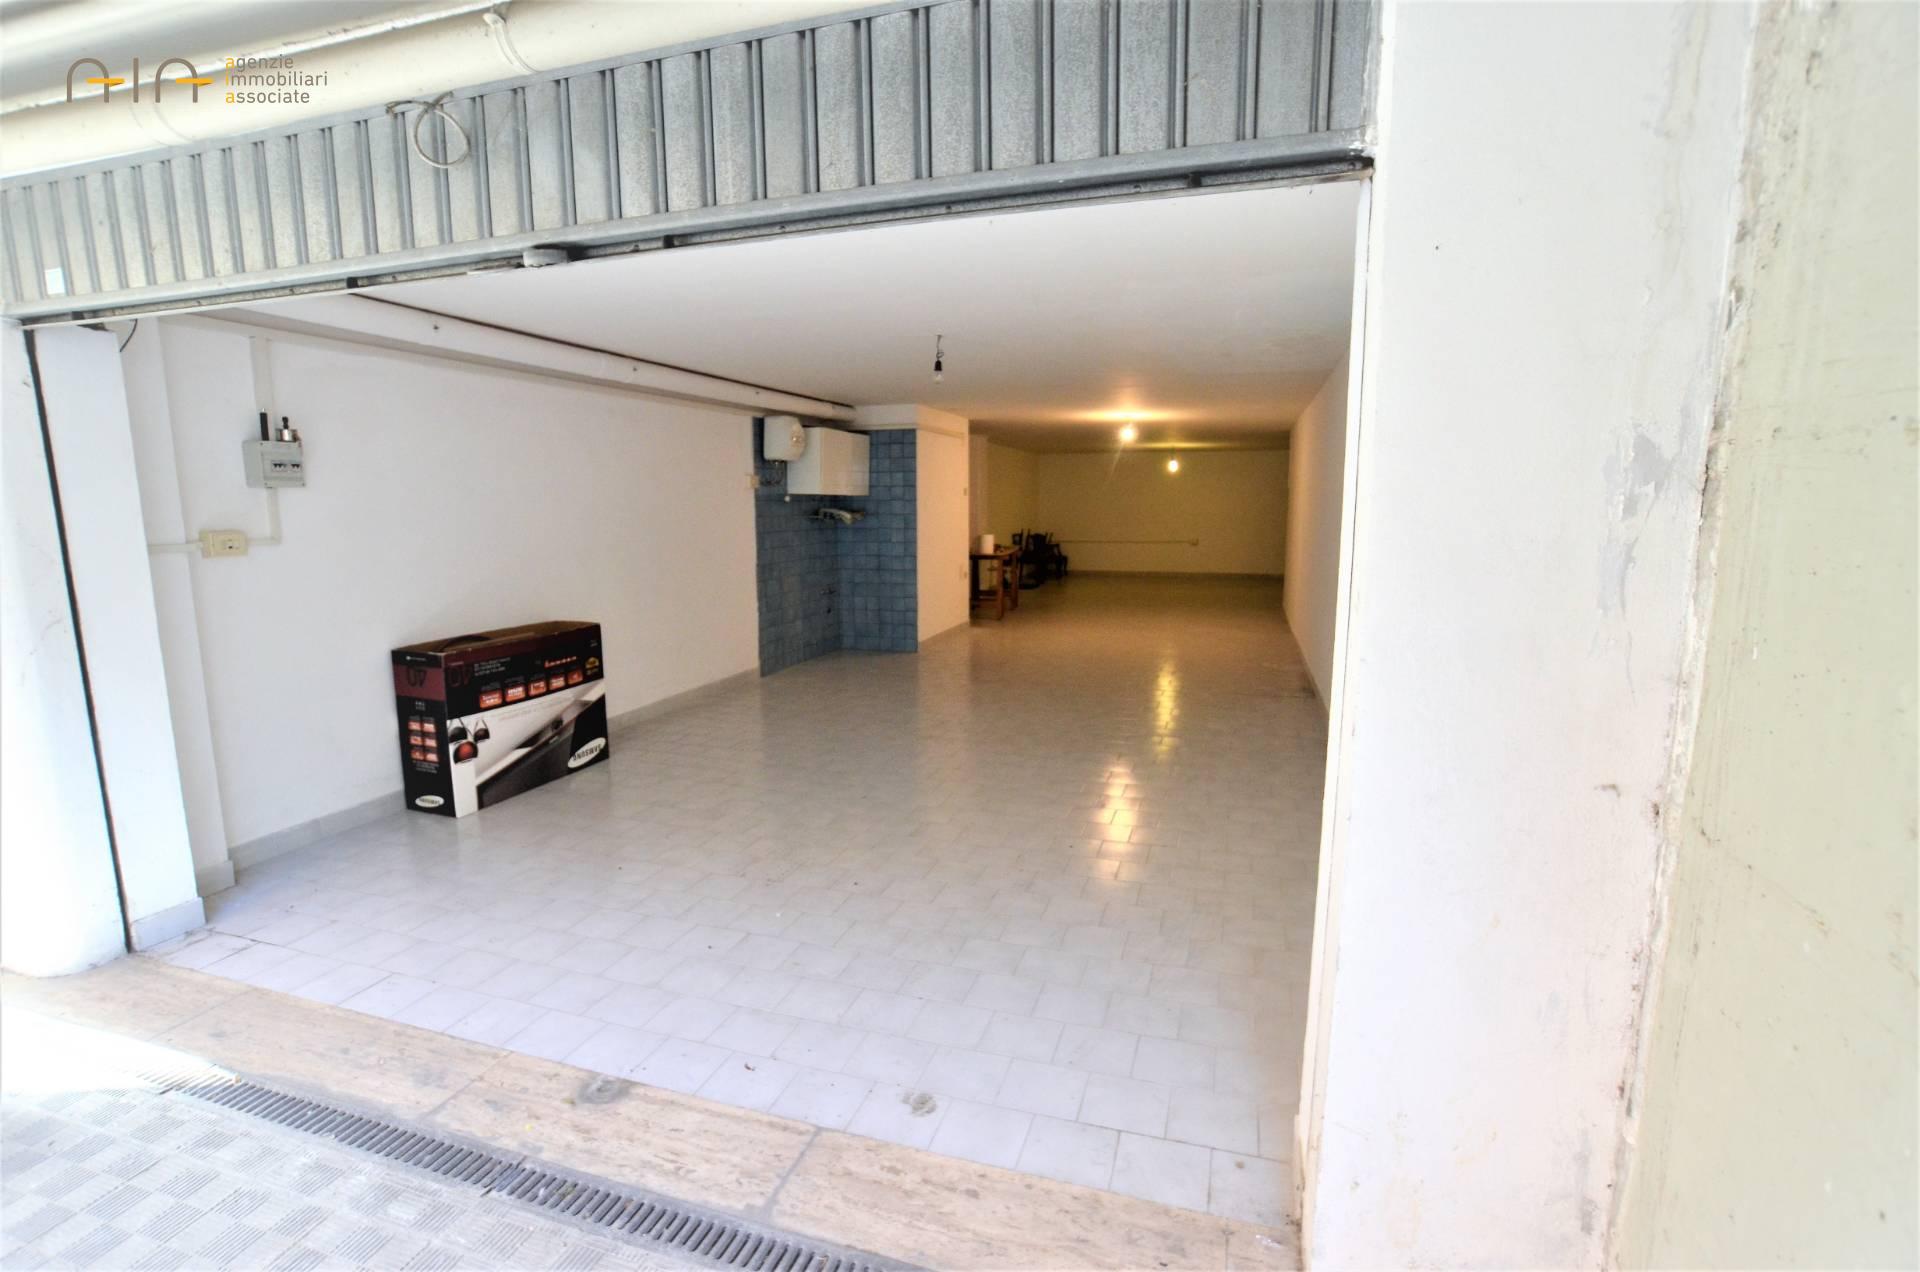 Box / Garage in vendita a San Benedetto del Tronto, 1 locali, zona Località: ResidenzialeSud(aldisopradellass16, prezzo € 55.000 | CambioCasa.it